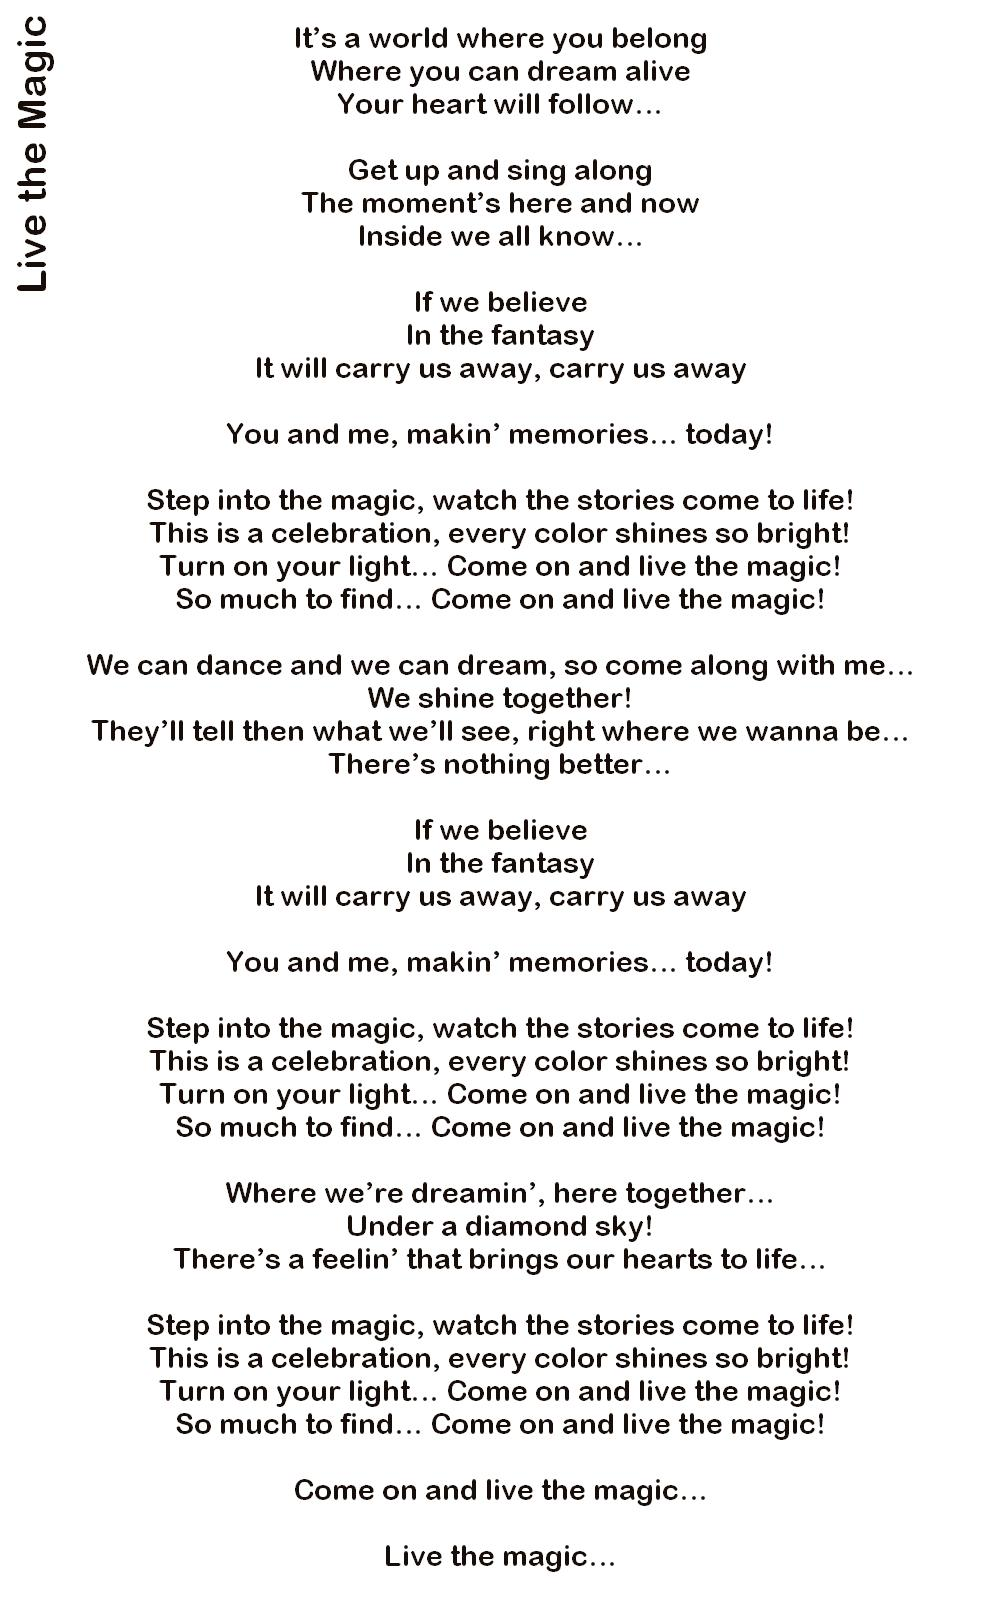 Me and you belong together lyrics